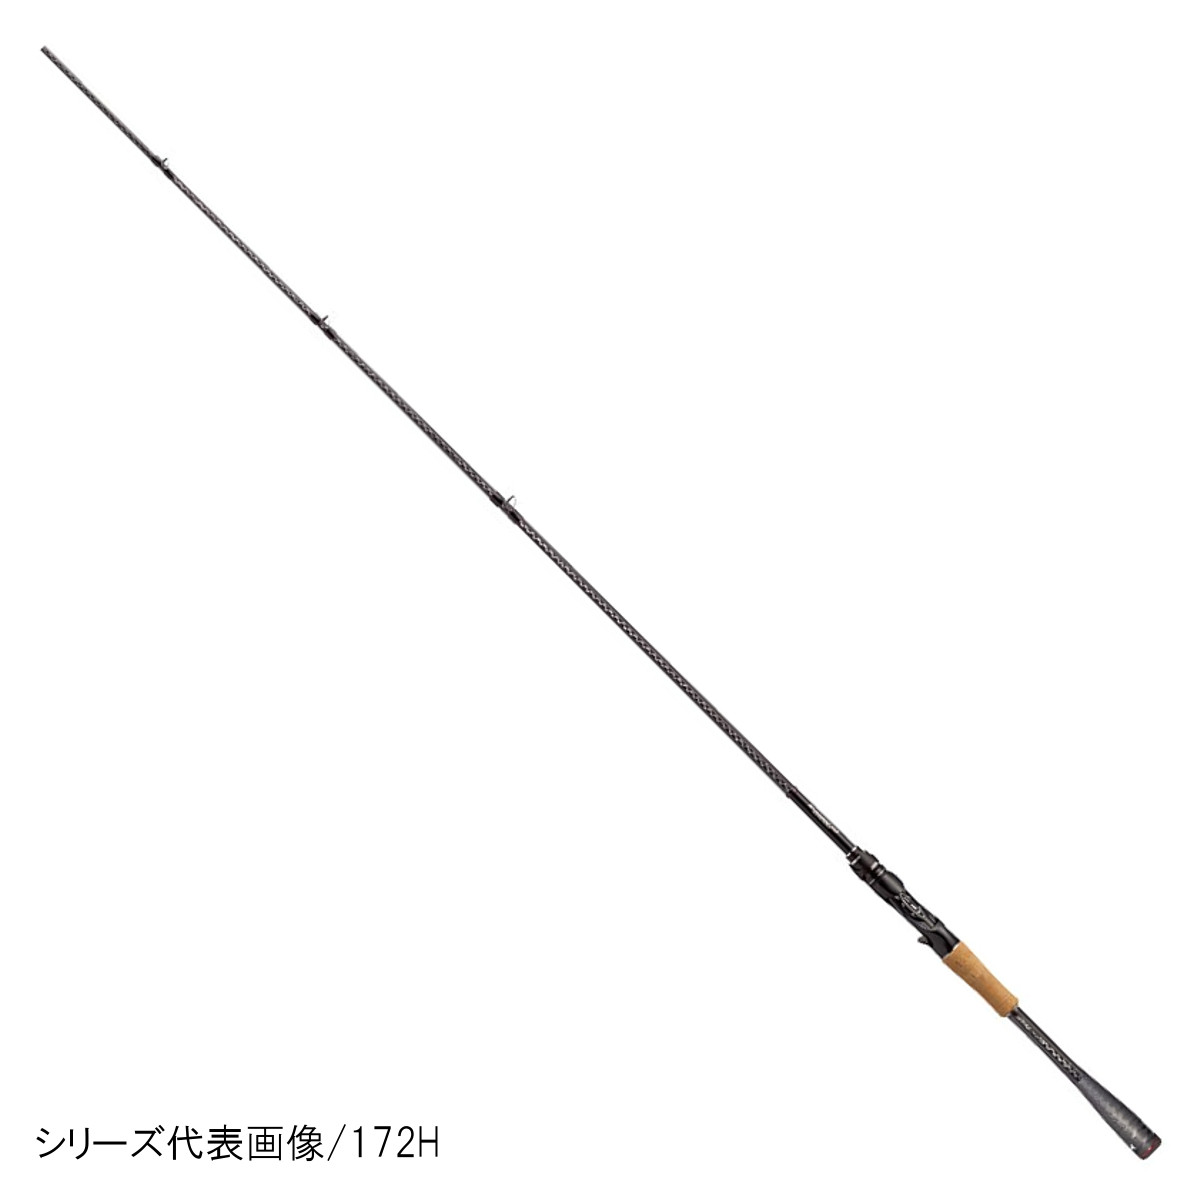 シマノ ポイズングロリアス 170H+ WILD STINGER【大型商品】(東日本店)